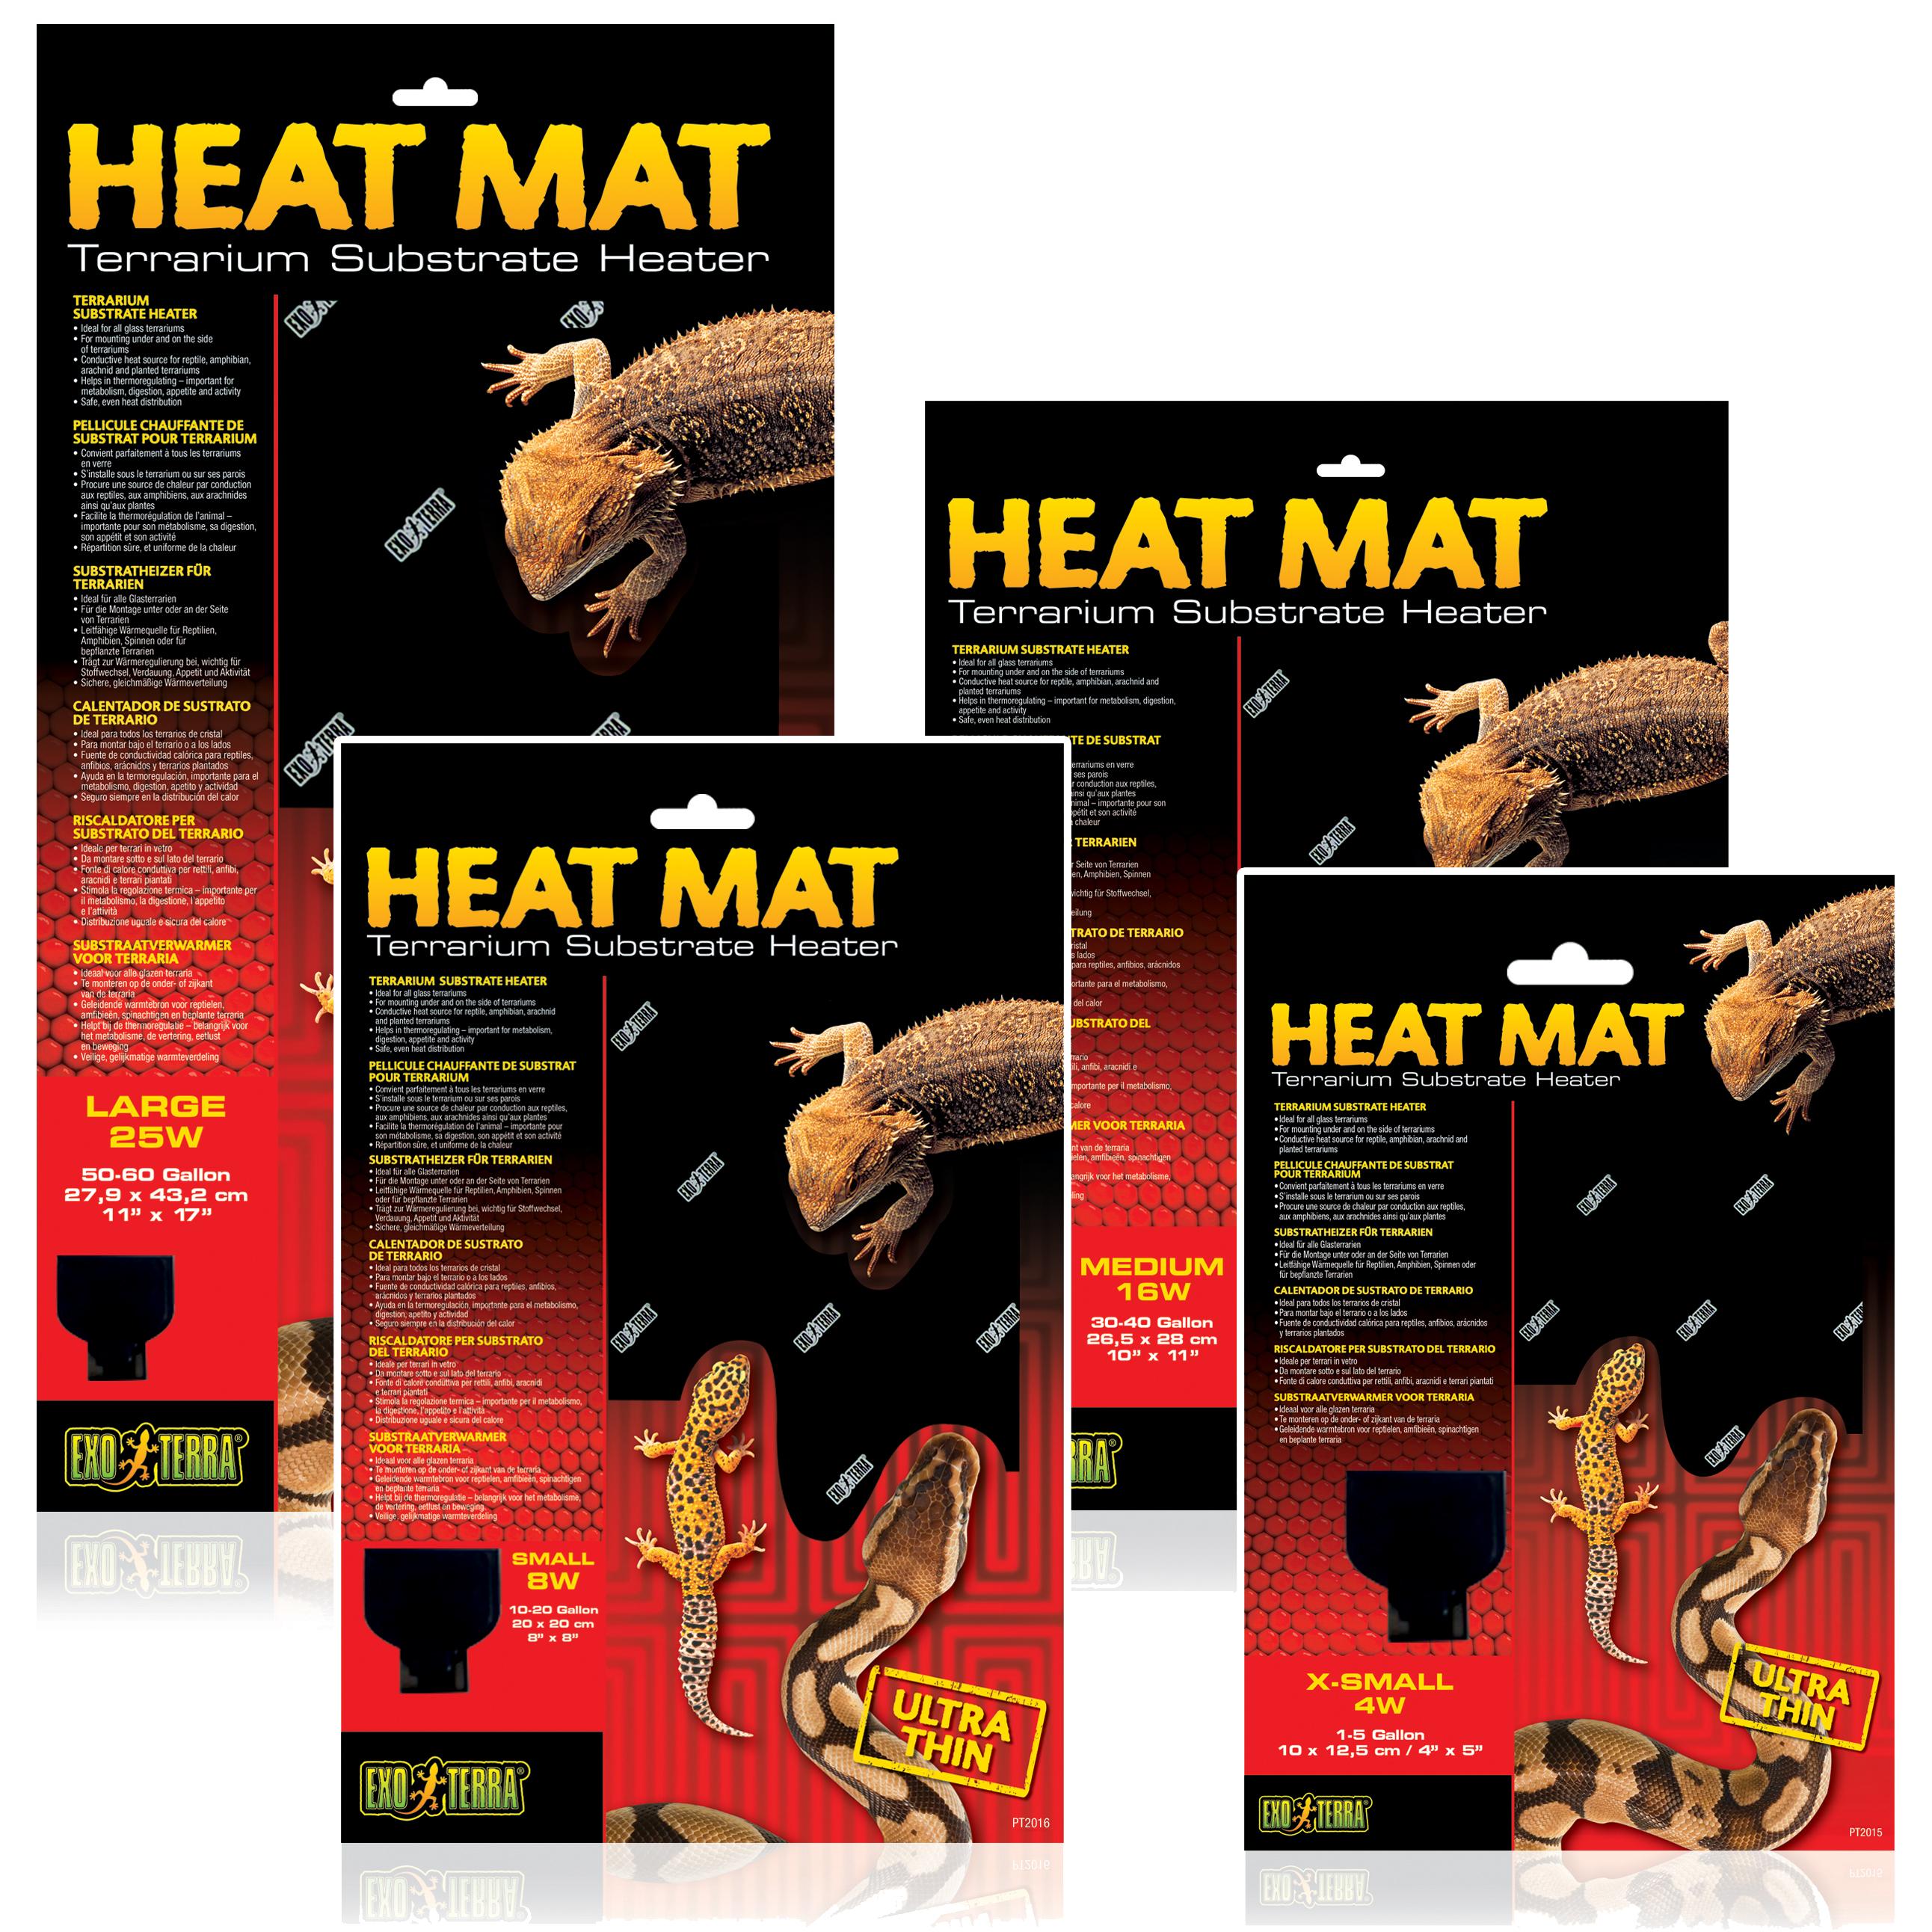 Exo Terra Heat Mats Terrarium Substrate Heating Reptile Lizard Vivarium  Snake | eBay